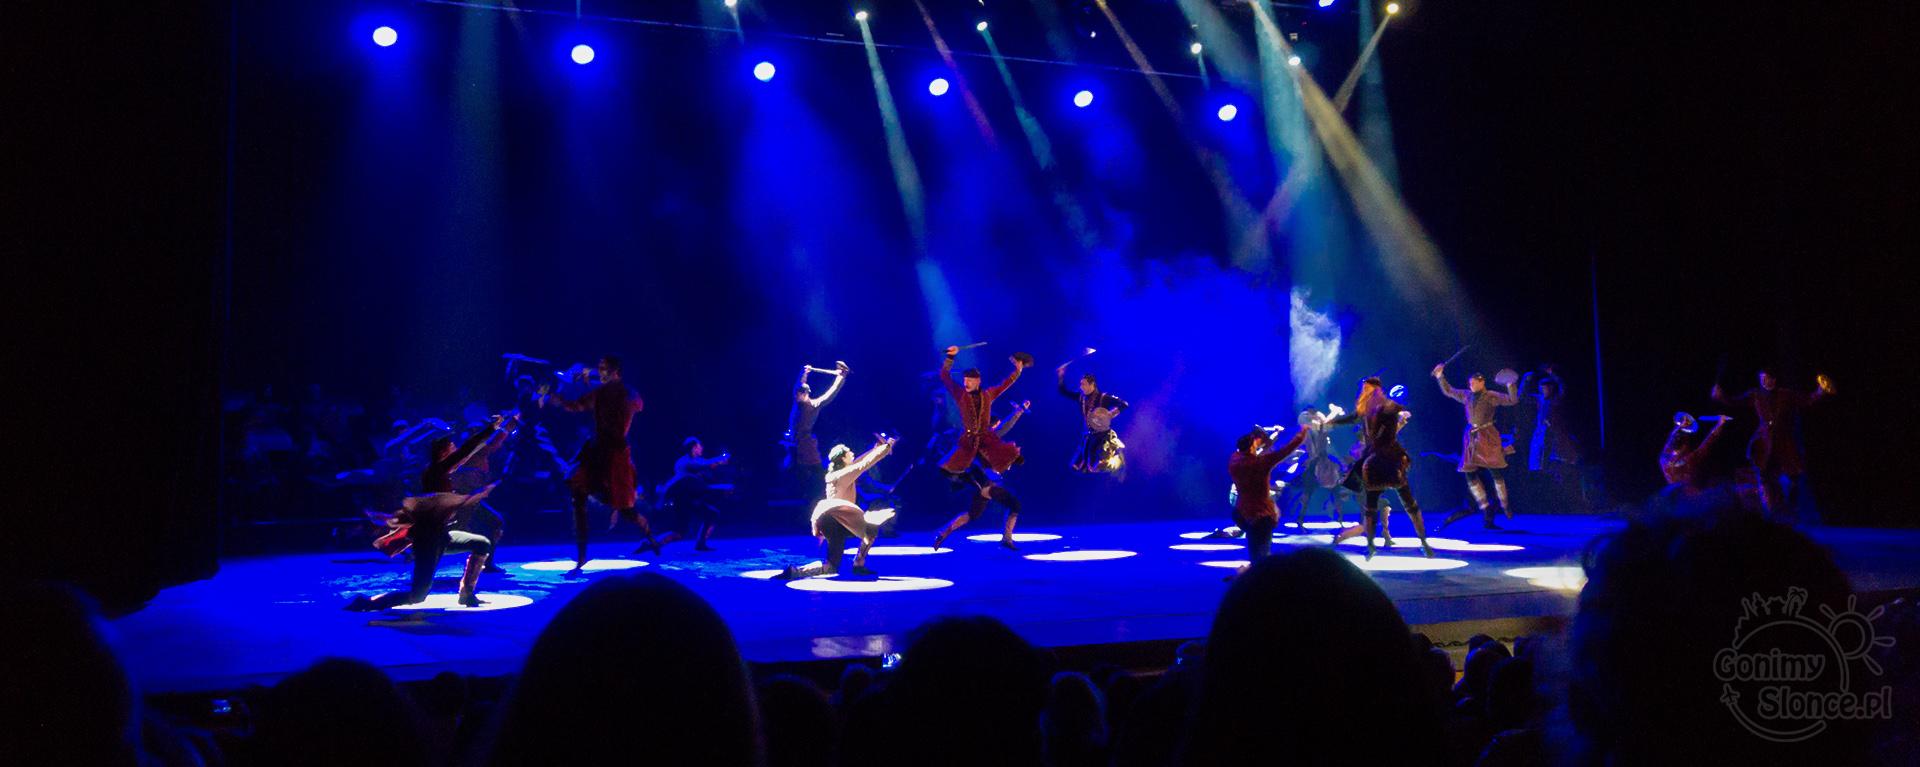 Narodowy Balet Gruzji Sukhishvili 06 blog kulturalny